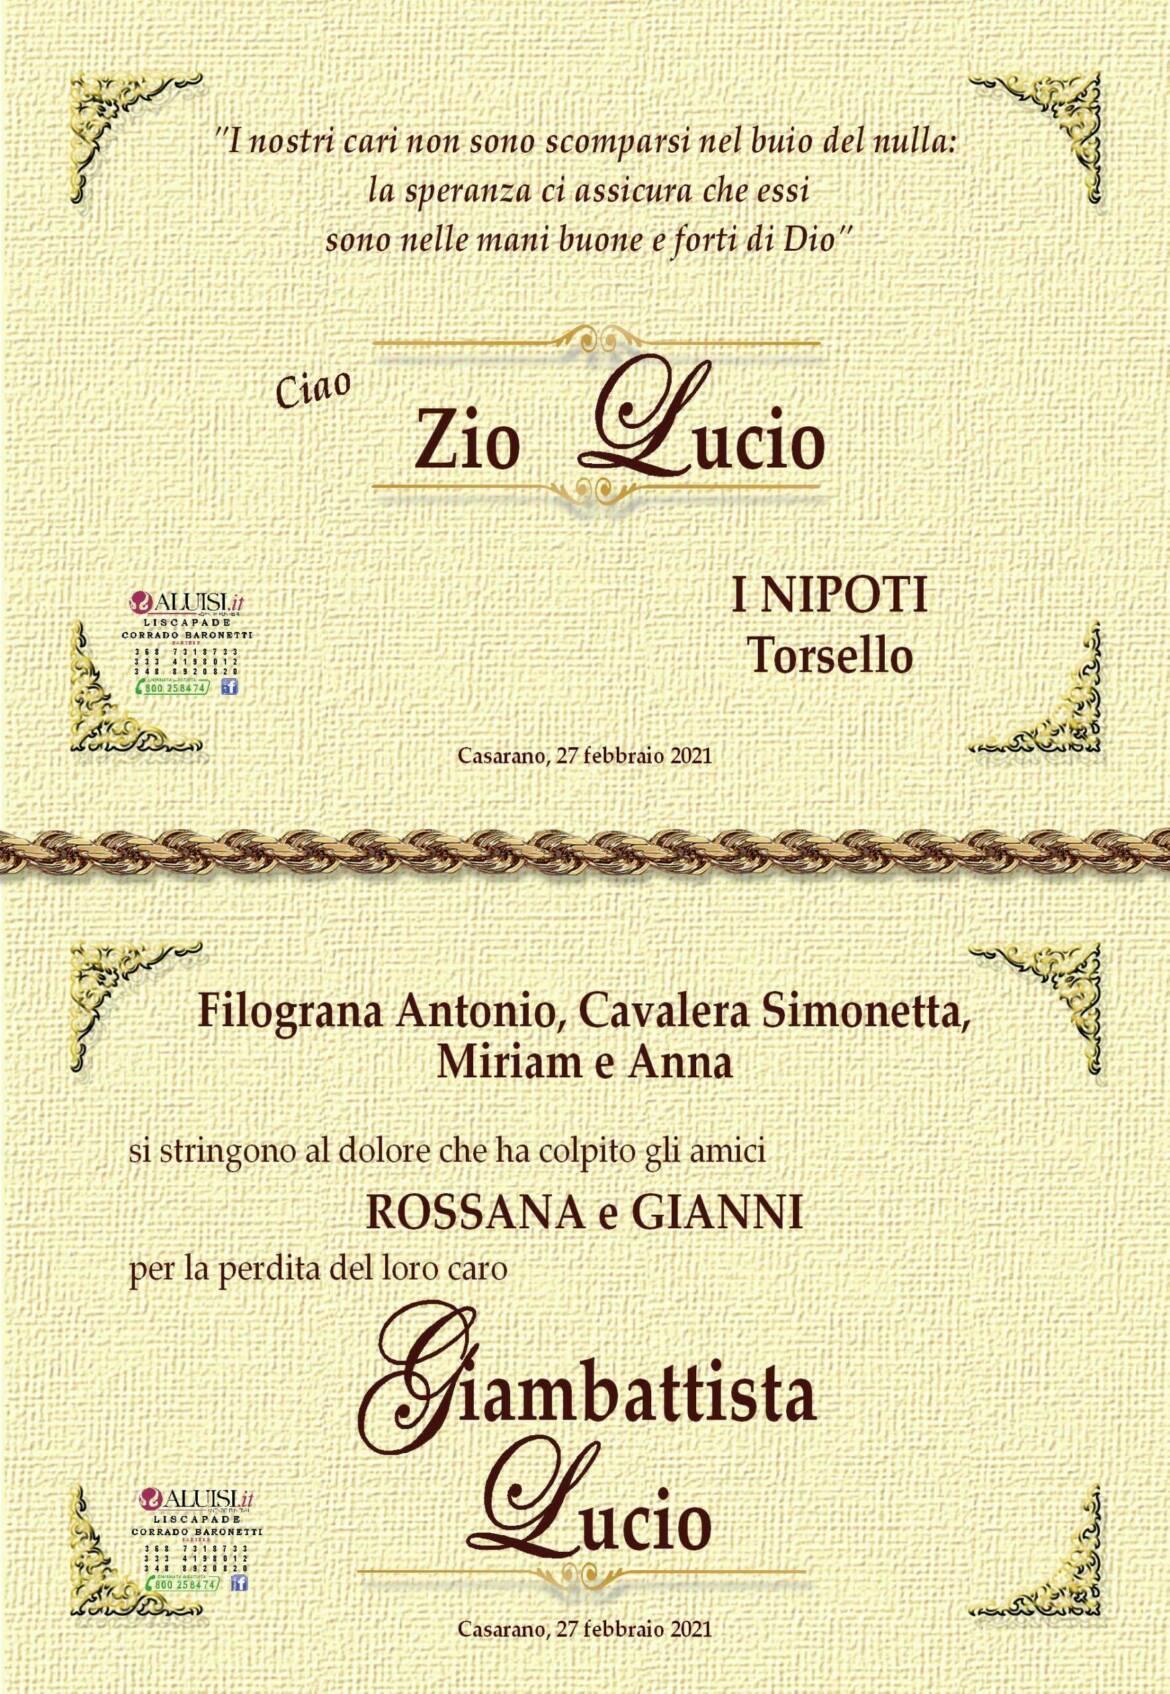 PARTECIPAZIONI-GIAMBATISTA-CASRANO6-1-scaled.jpg